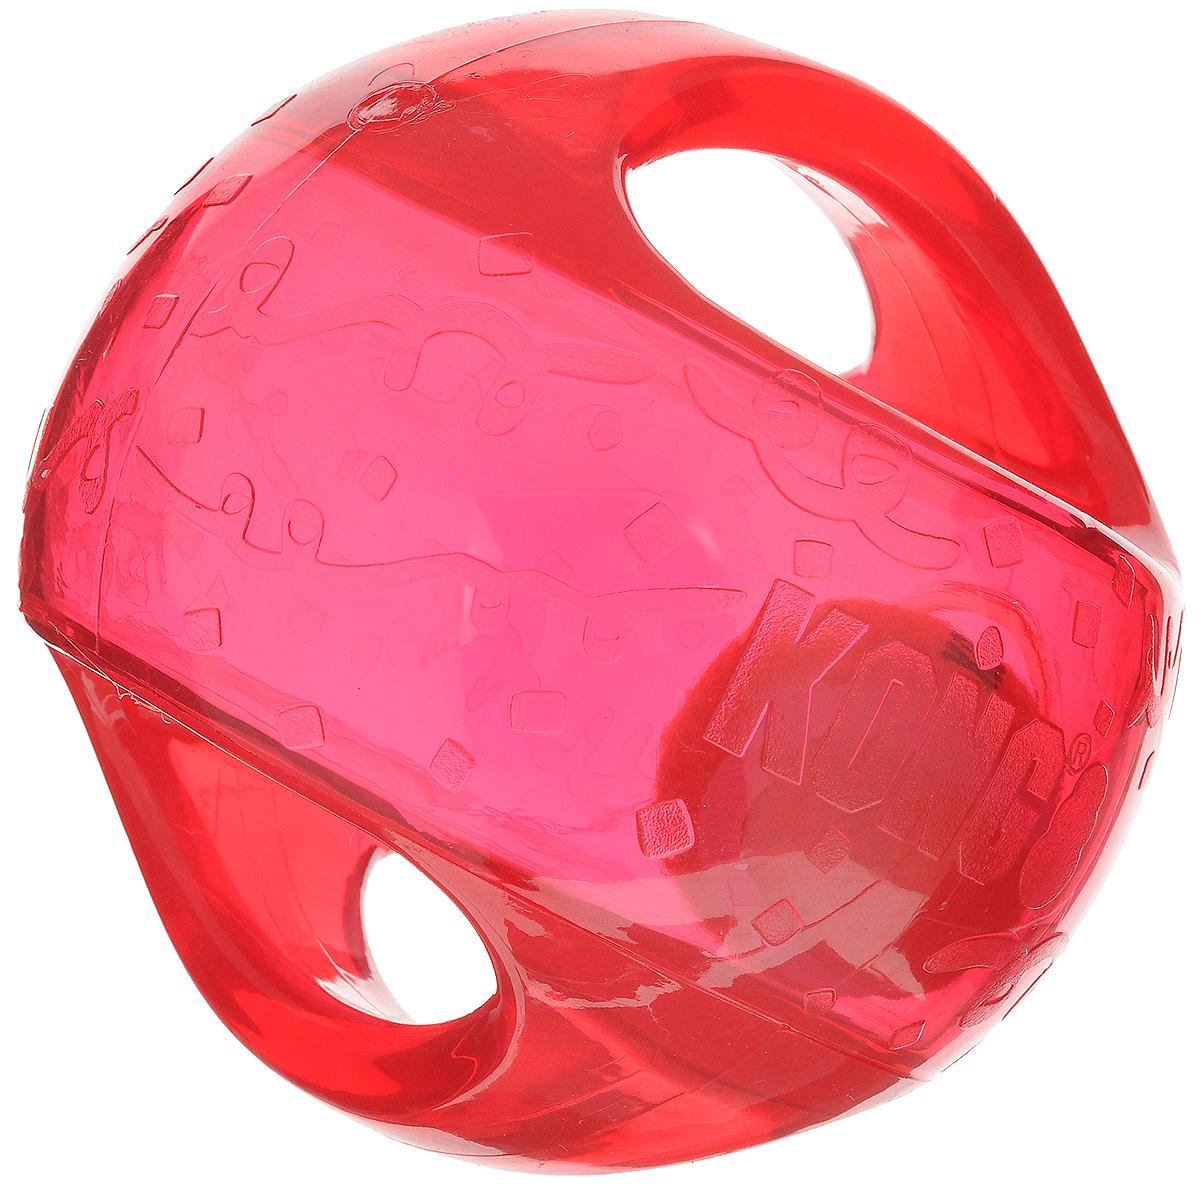 Игрушка для собак Kong Мячик, с пищалкой, цвет: прозрачный, красный, 12 х 12 х 12 см0120710Игрушка для собак Kong Мячик, выполненная извысококачественного каучука, представляет собой мяч 2 в 1.Теннисный мяч, расположенный внутри, гремит и будетпривлекать внимание вашего питомца, побуждая достать его.Просто потрясите игрушку. Удобные ручки служат дляподнятия. Также изделие оснащено пищалкой.С такой игрушкой вы сможете играть в захватывающие иактивные игры с вашей собакой. Она прекрасно подходит дляживотных среднего и крупного размера, с сильными челюстямии для использования в качестве дрессировочного предмета.